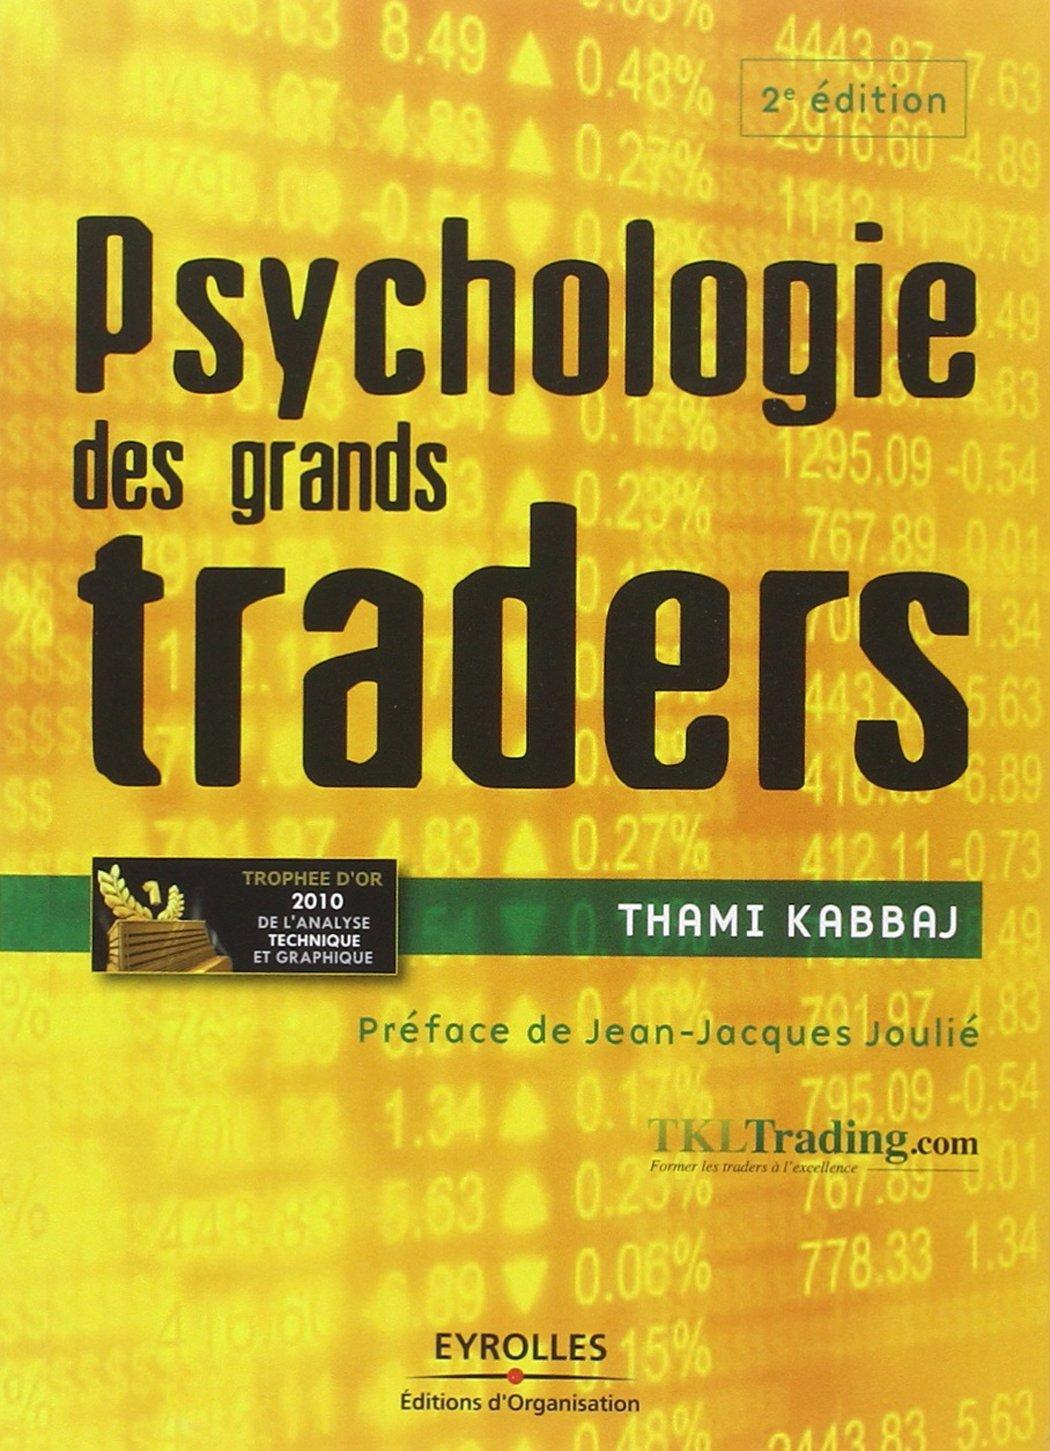 """Résultat de recherche d'images pour """"psychologie des grand traders"""""""